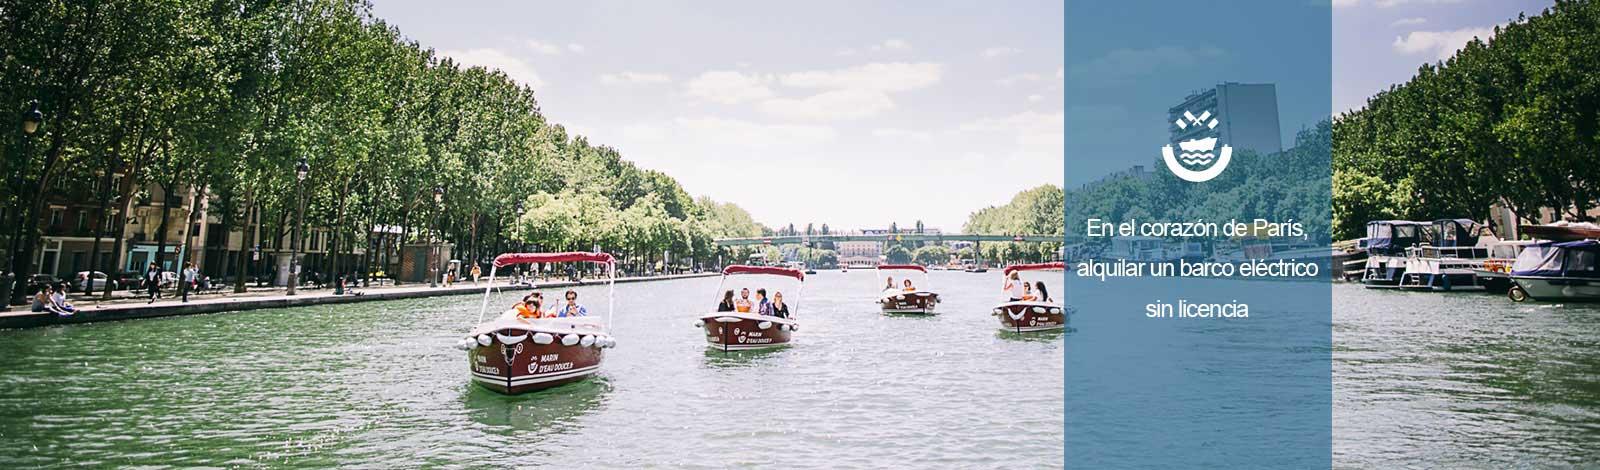 Barcos cuenca de la Villette